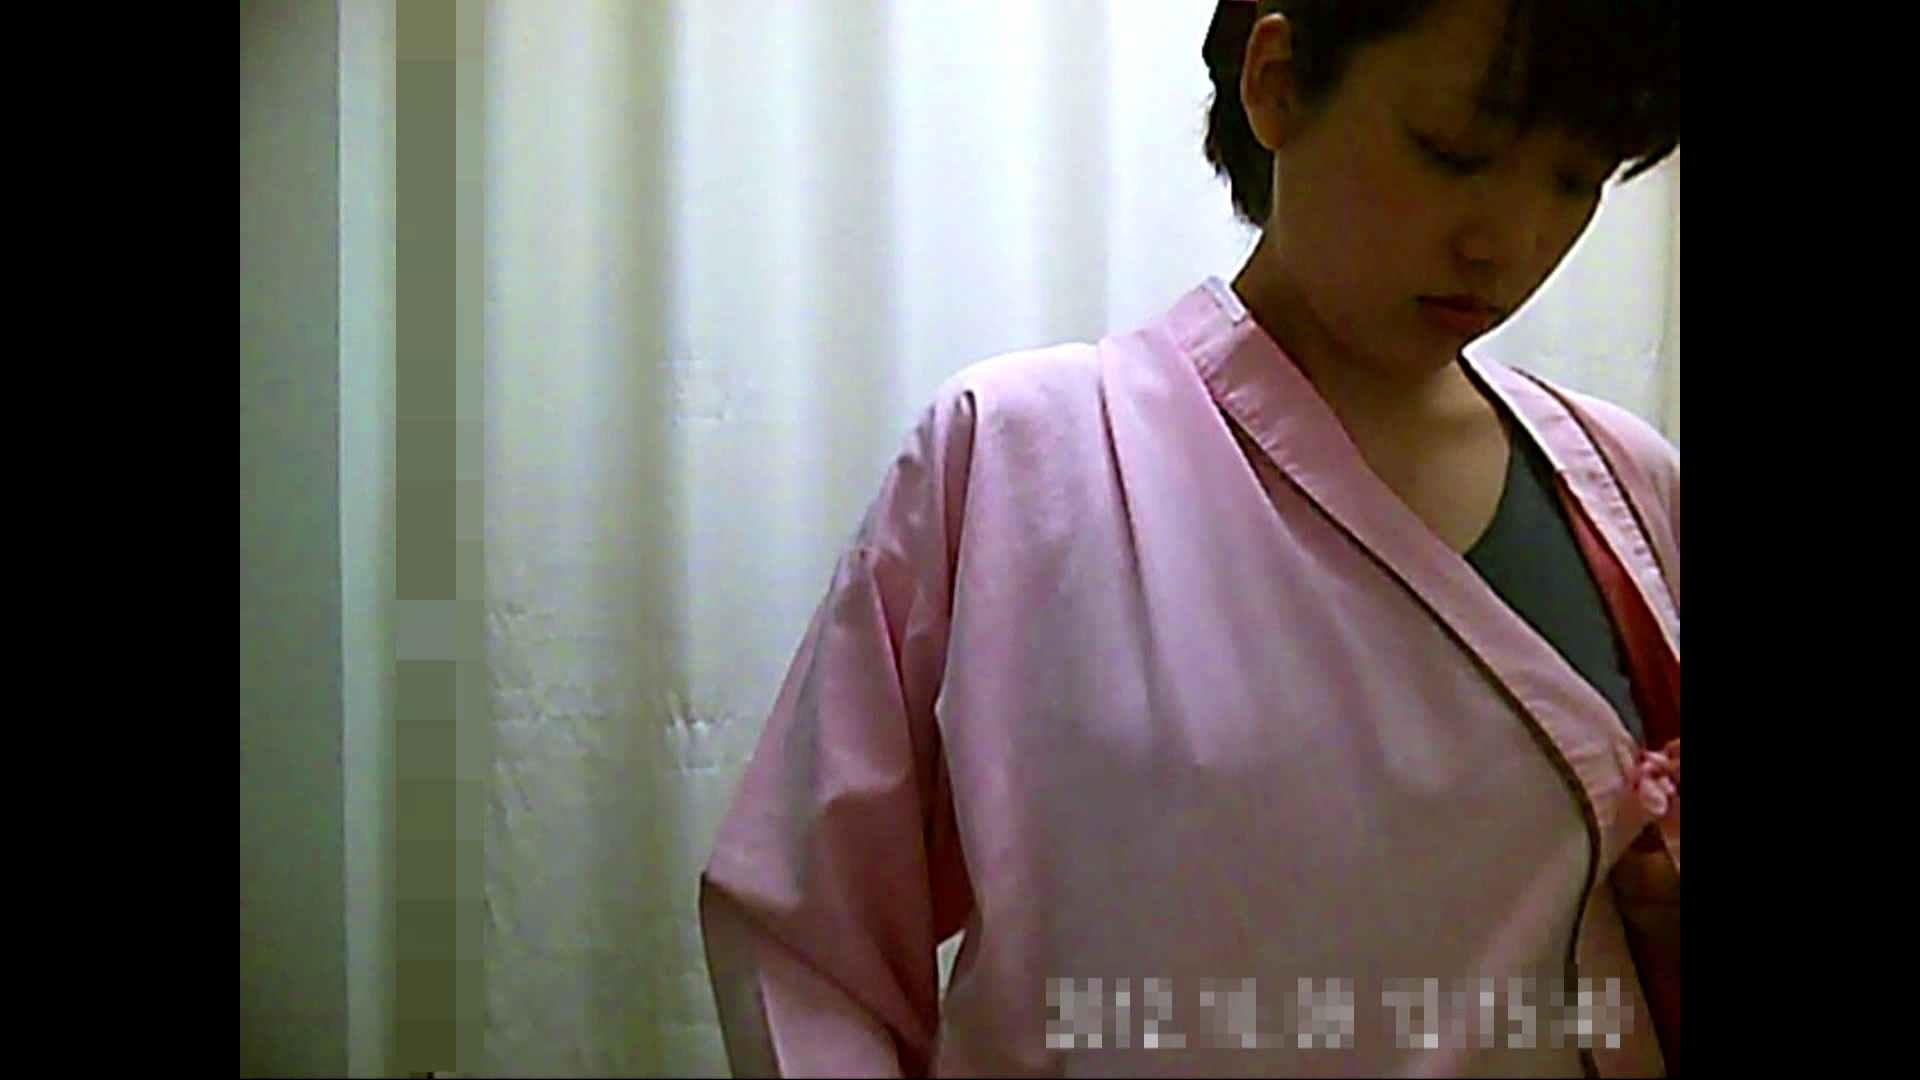 元医者による反抗 更衣室地獄絵巻 vol.066 エッチなお姉さん セックス画像 79画像 53